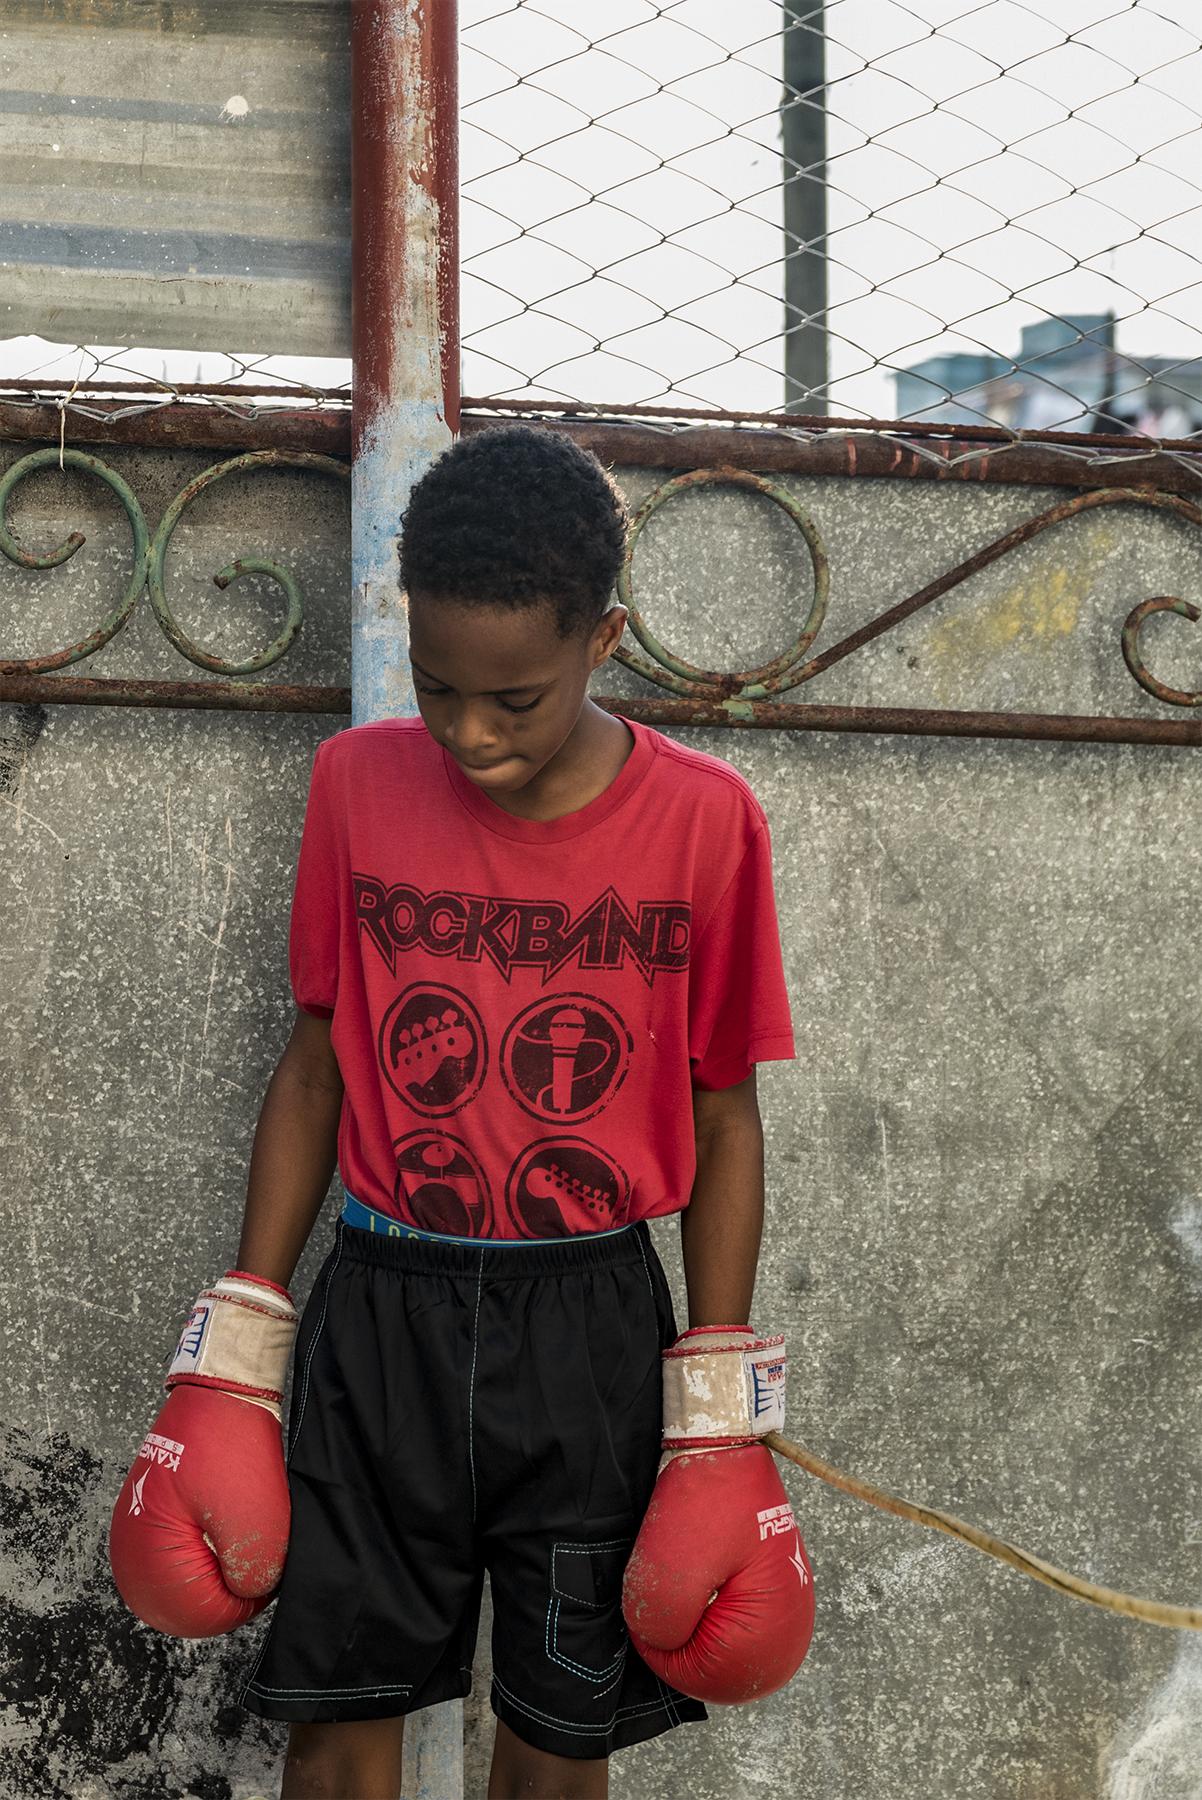 HAVANA_Boxing_2018_APR_LGP_6495_4x6_A.jpg